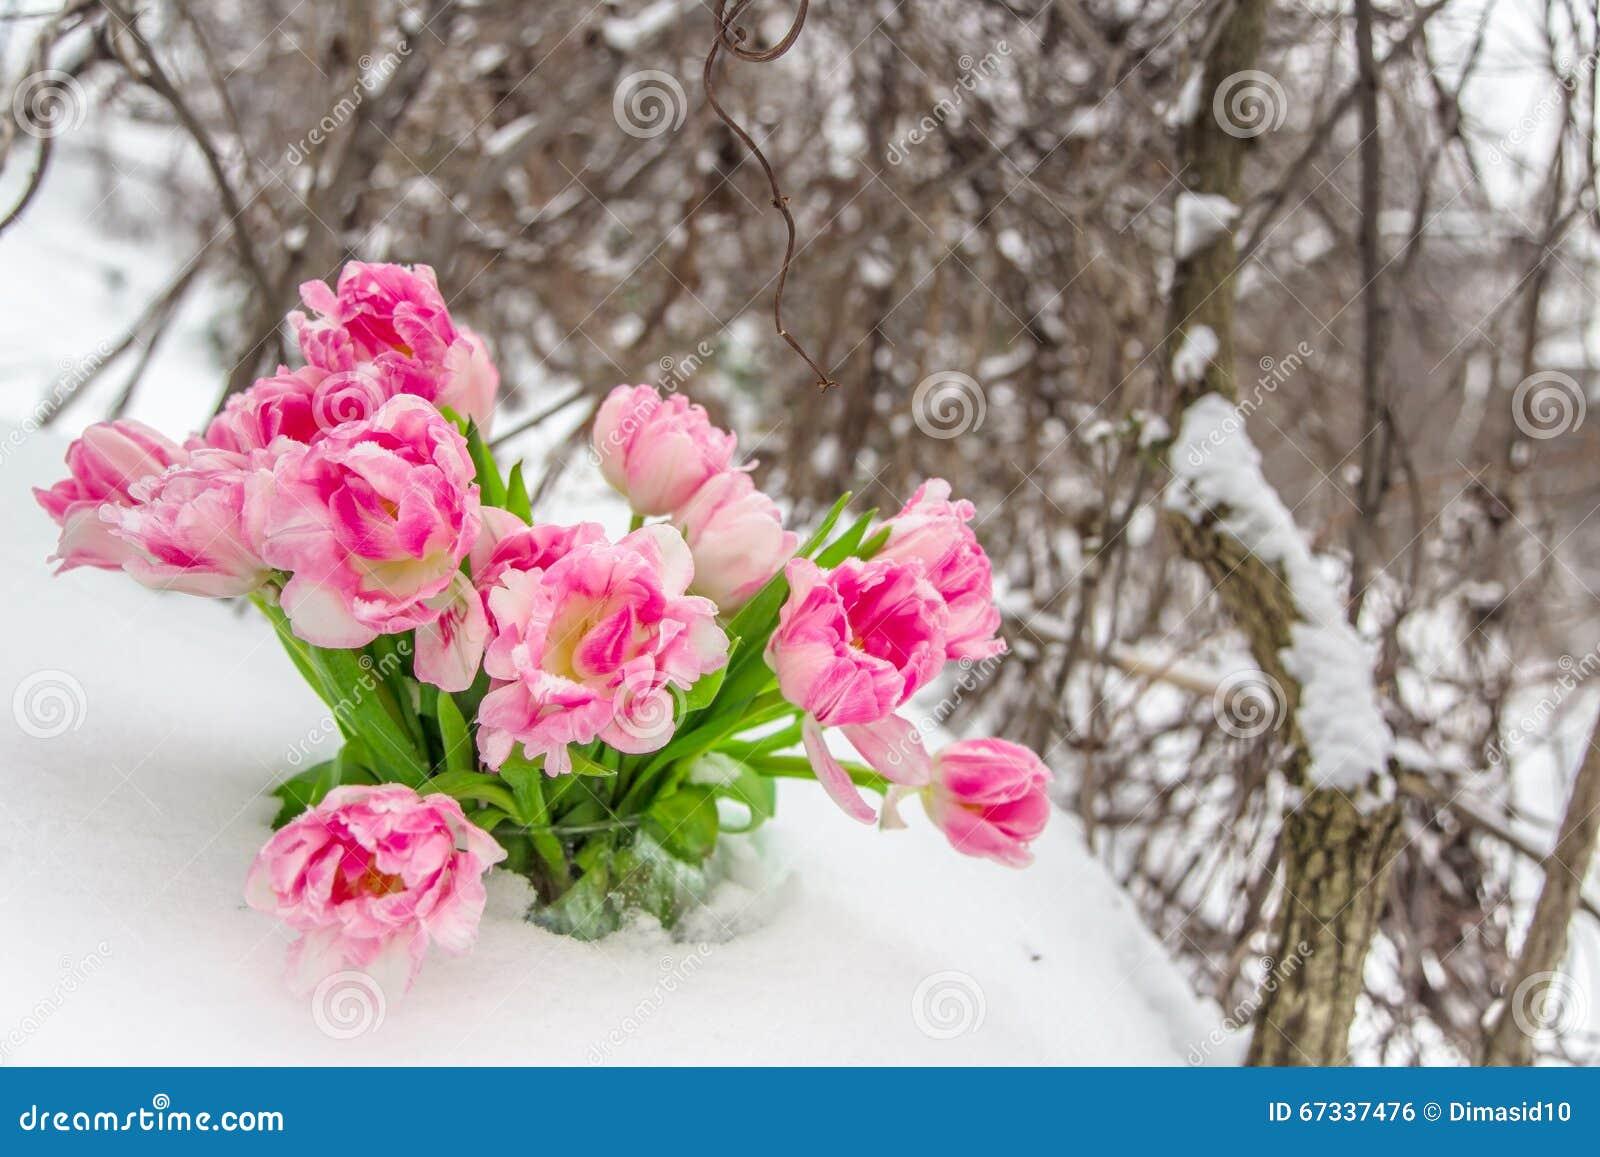 Blumen Im Schnee Fotos Bilder Schnee Blumen K Suche Stockfotos